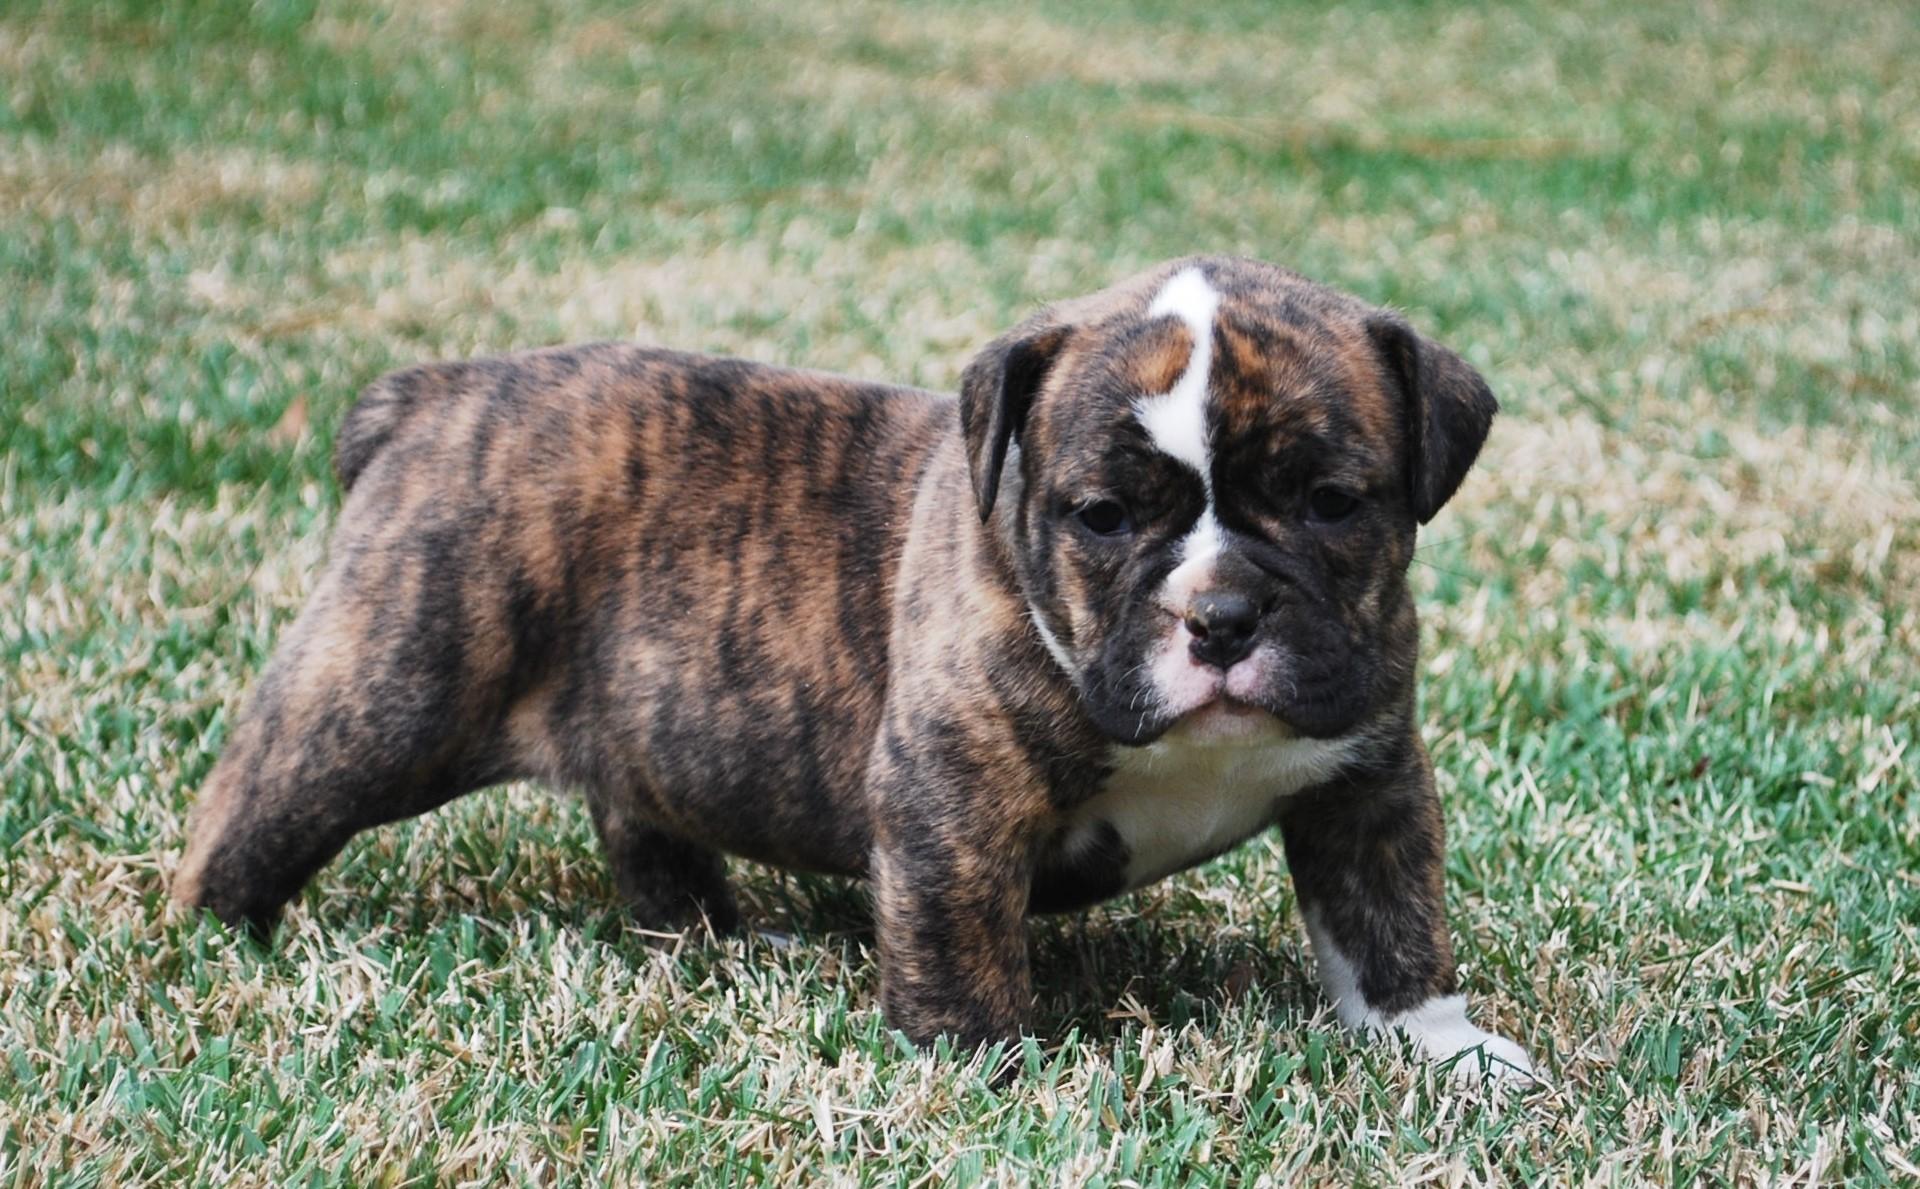 Hattie Olde English Bulldogge Puppy For Sale | Photo 1